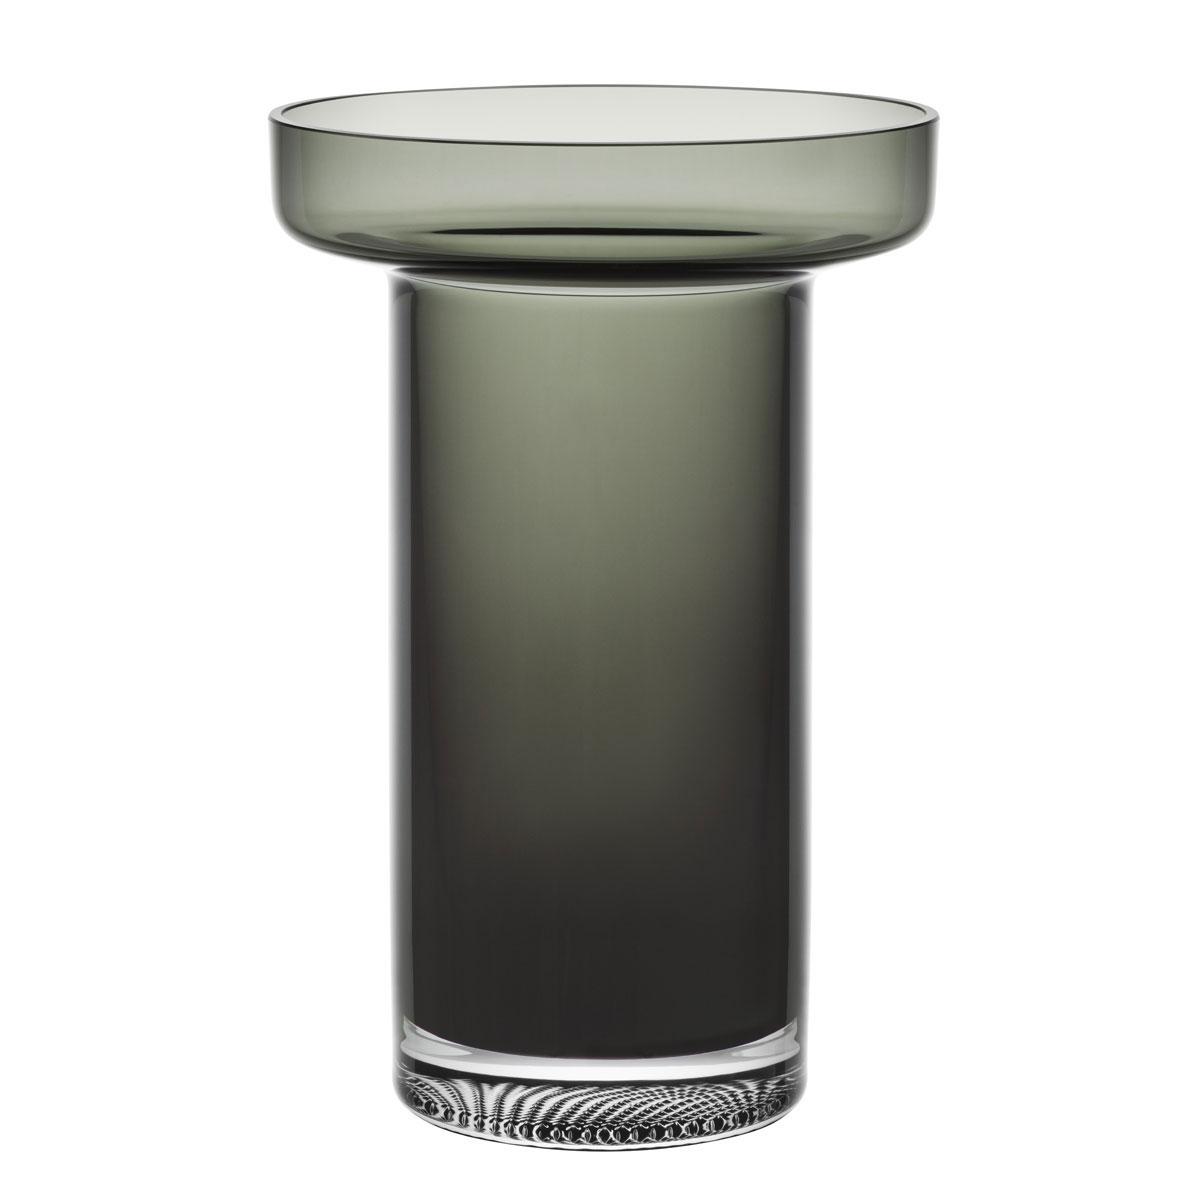 Kosta Boda Limelight Rose Vase Smoke Grey